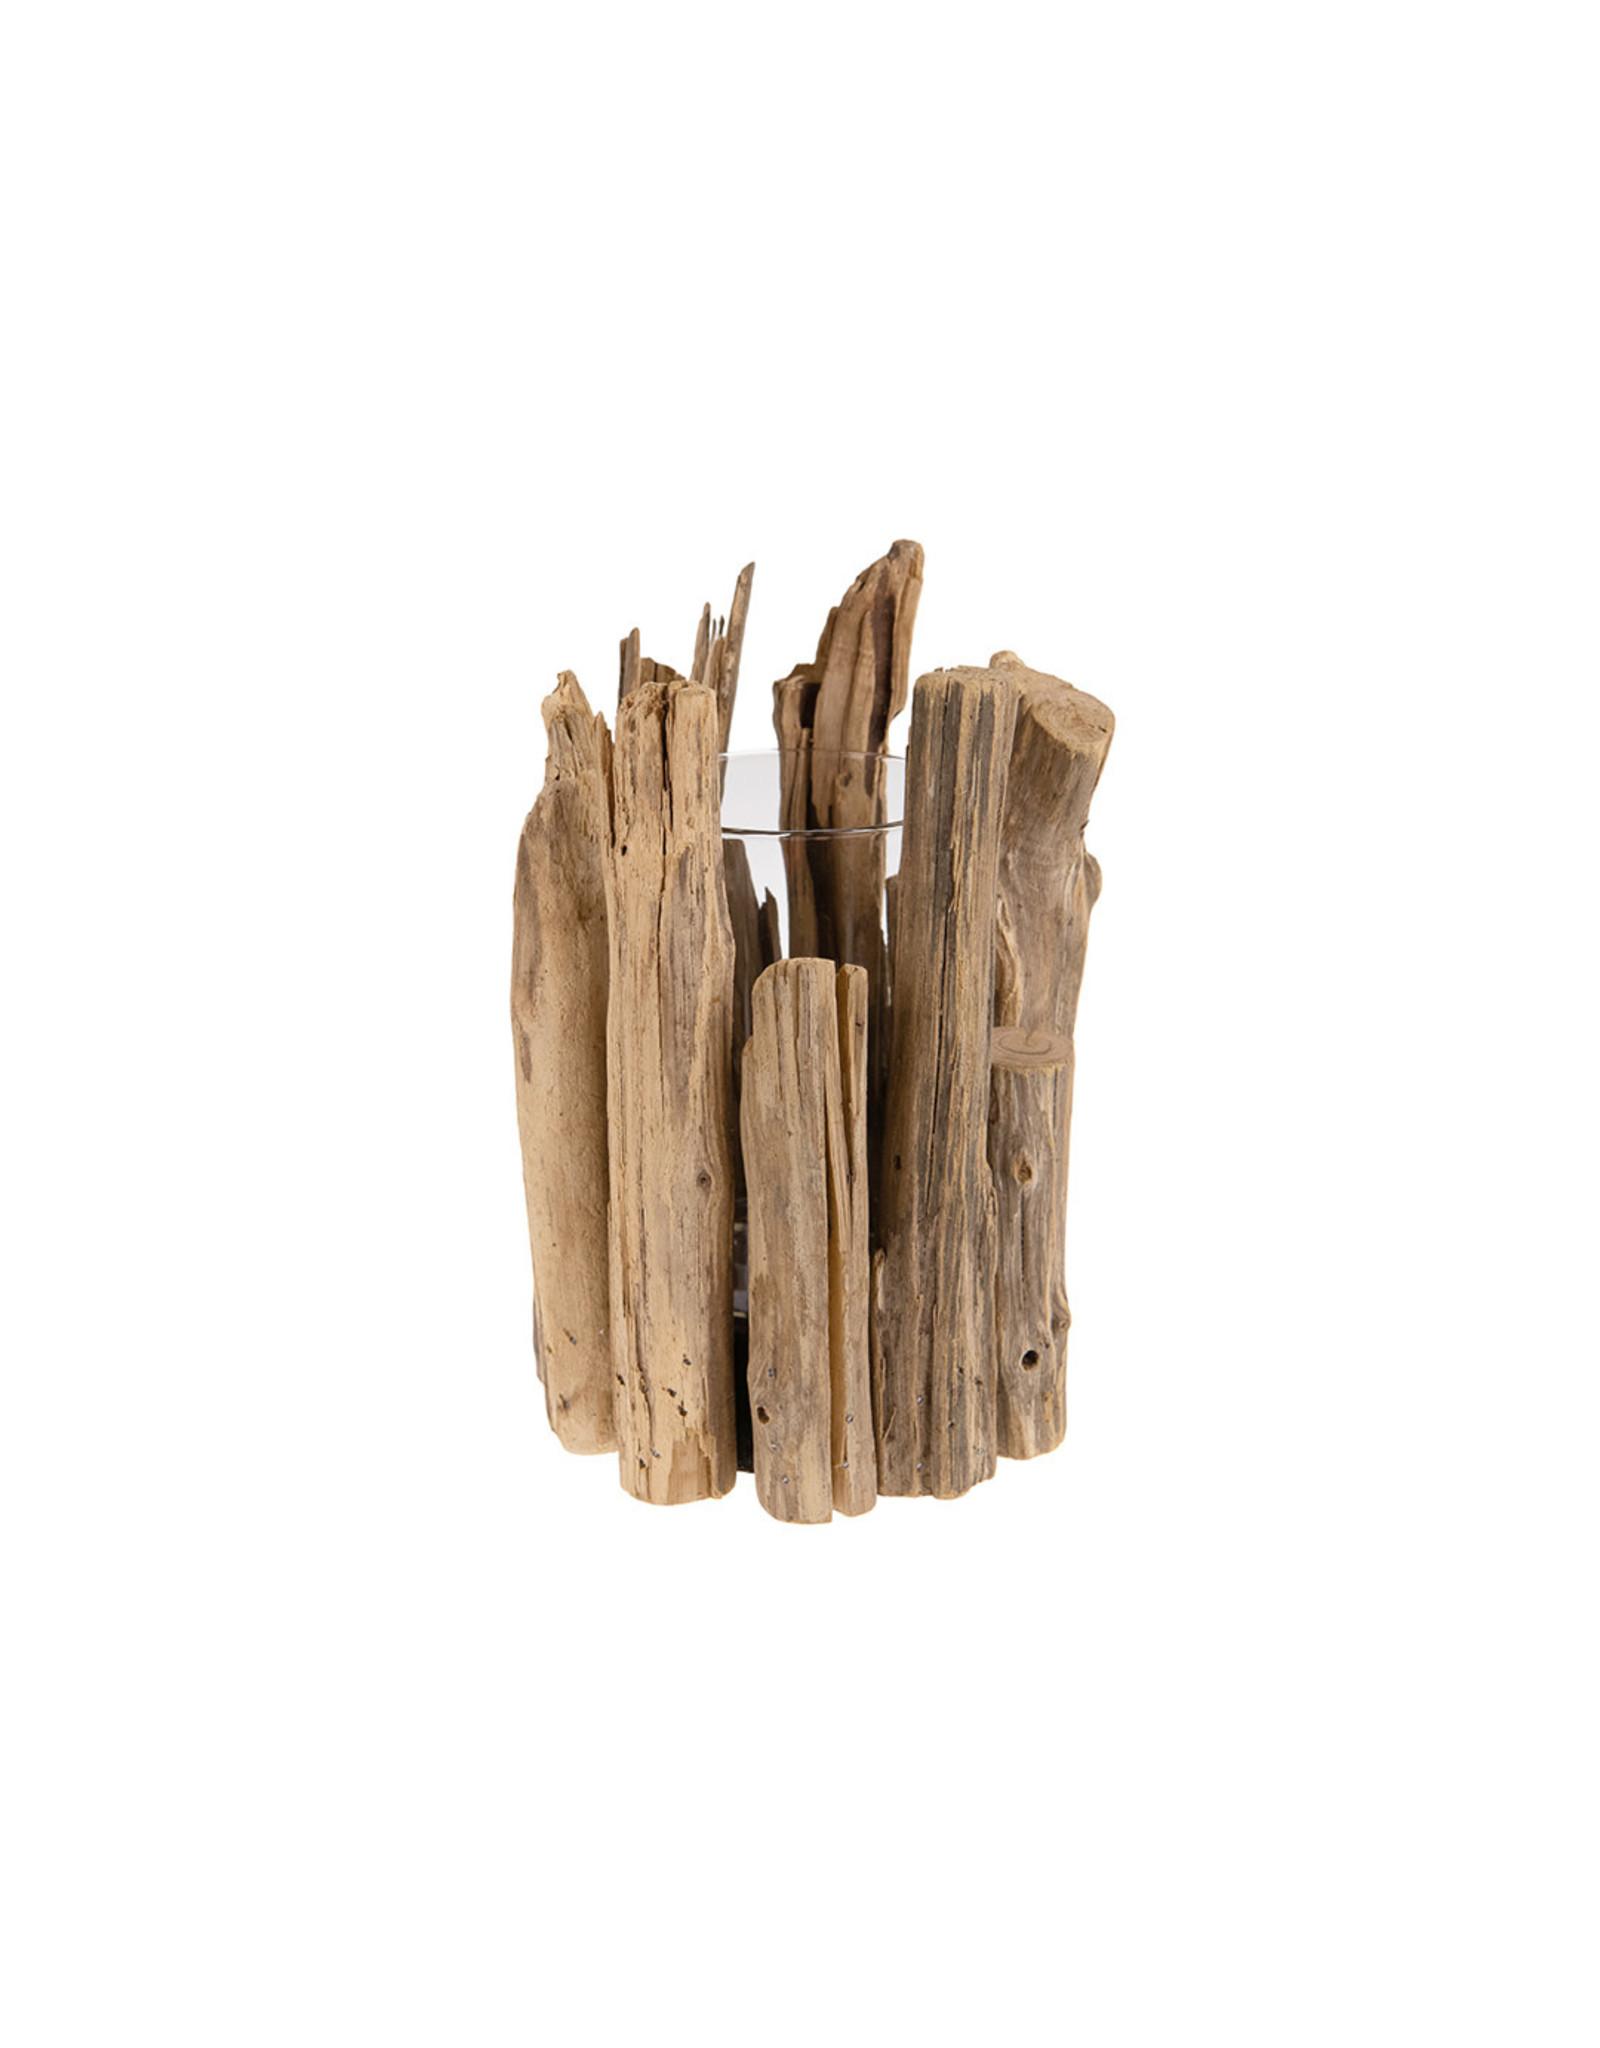 Dijk Candle holder chestnut wood natural 18x18x24cm